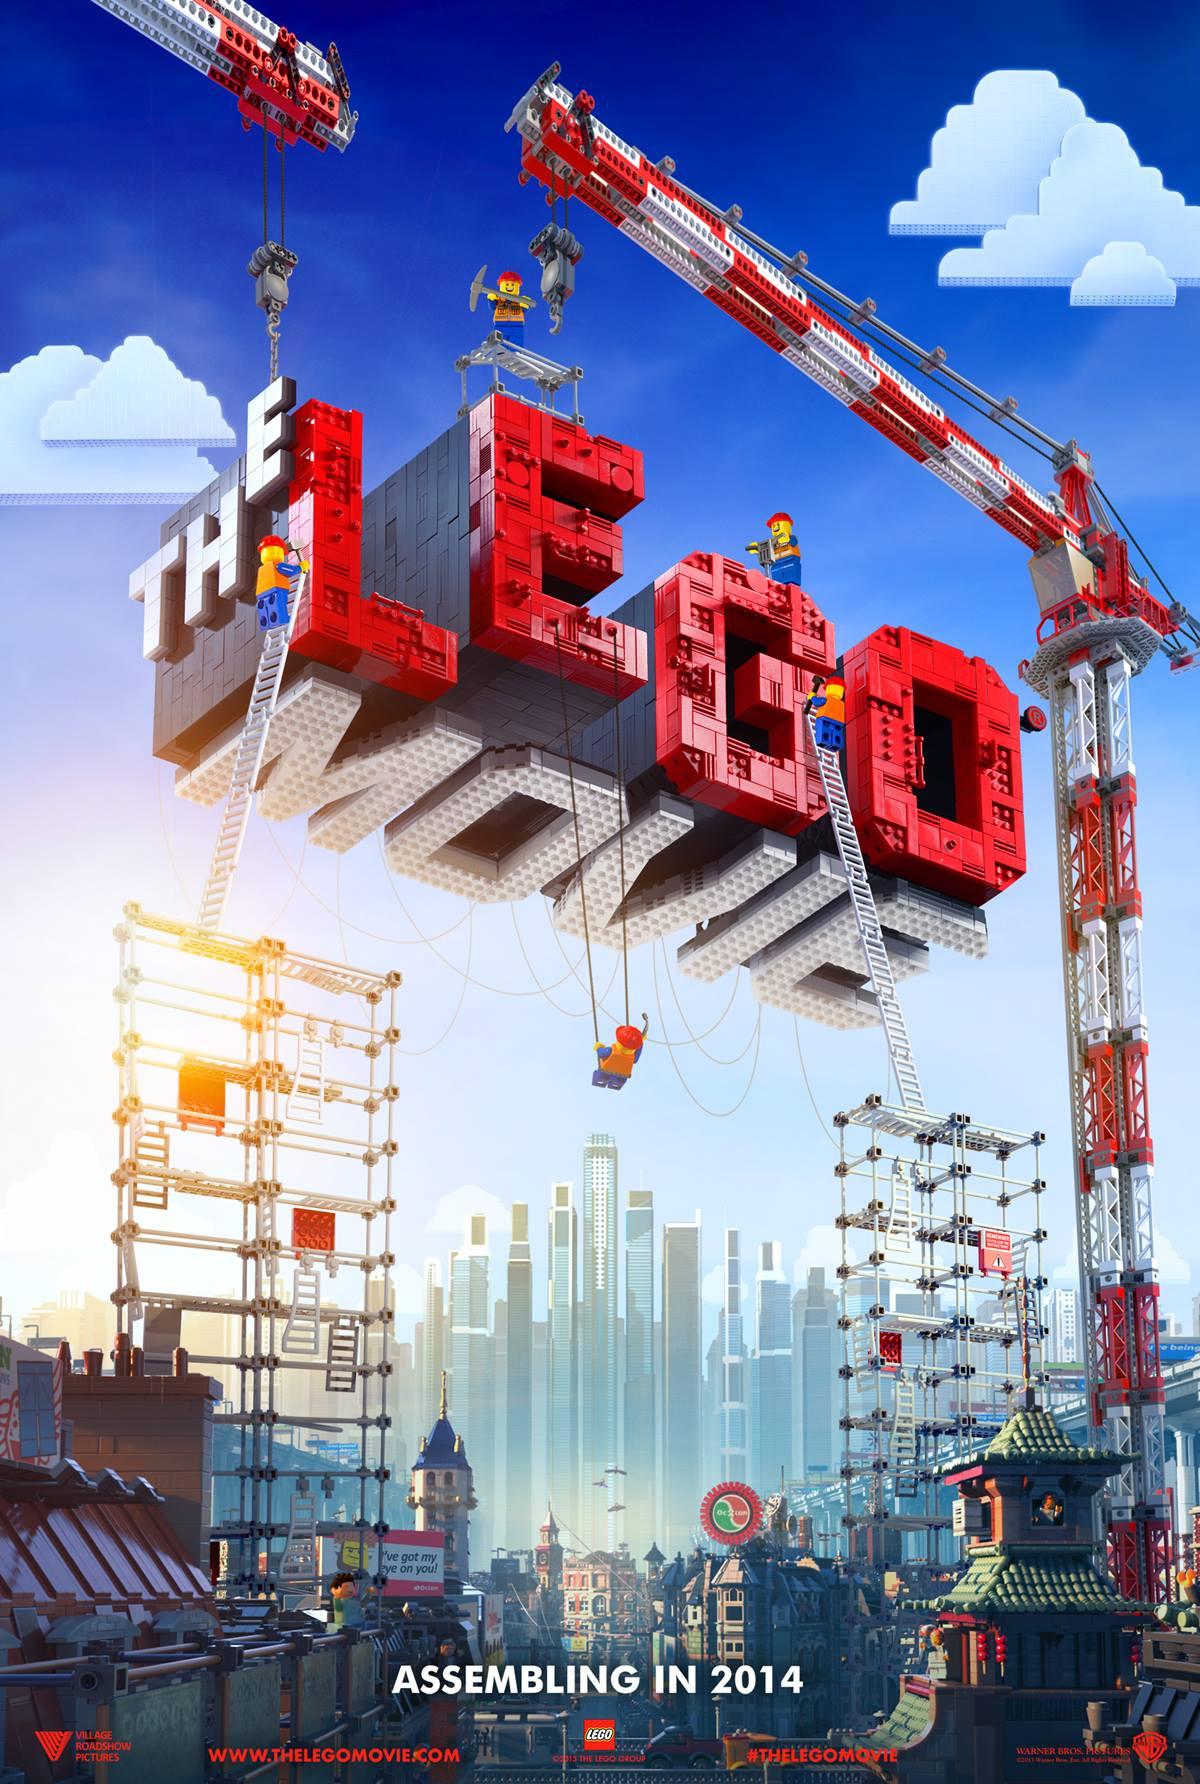 The LEGO Movie : 2014 kommen die Helden auf die Leinwand!